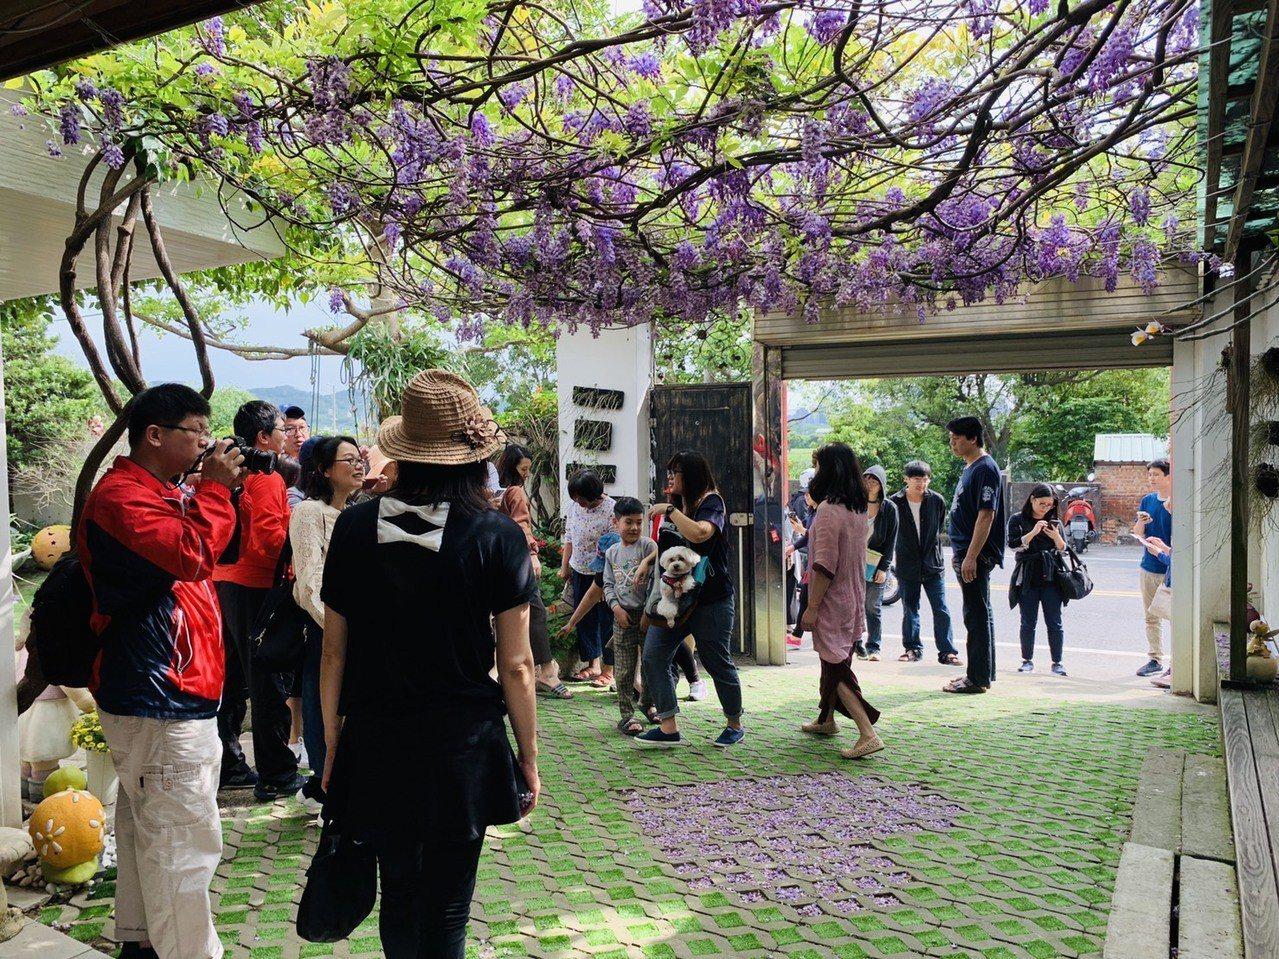 新竹縣新埔鎮一處民宅每年3、4月就會變成熱門賞花景點。記者陳斯穎/攝影